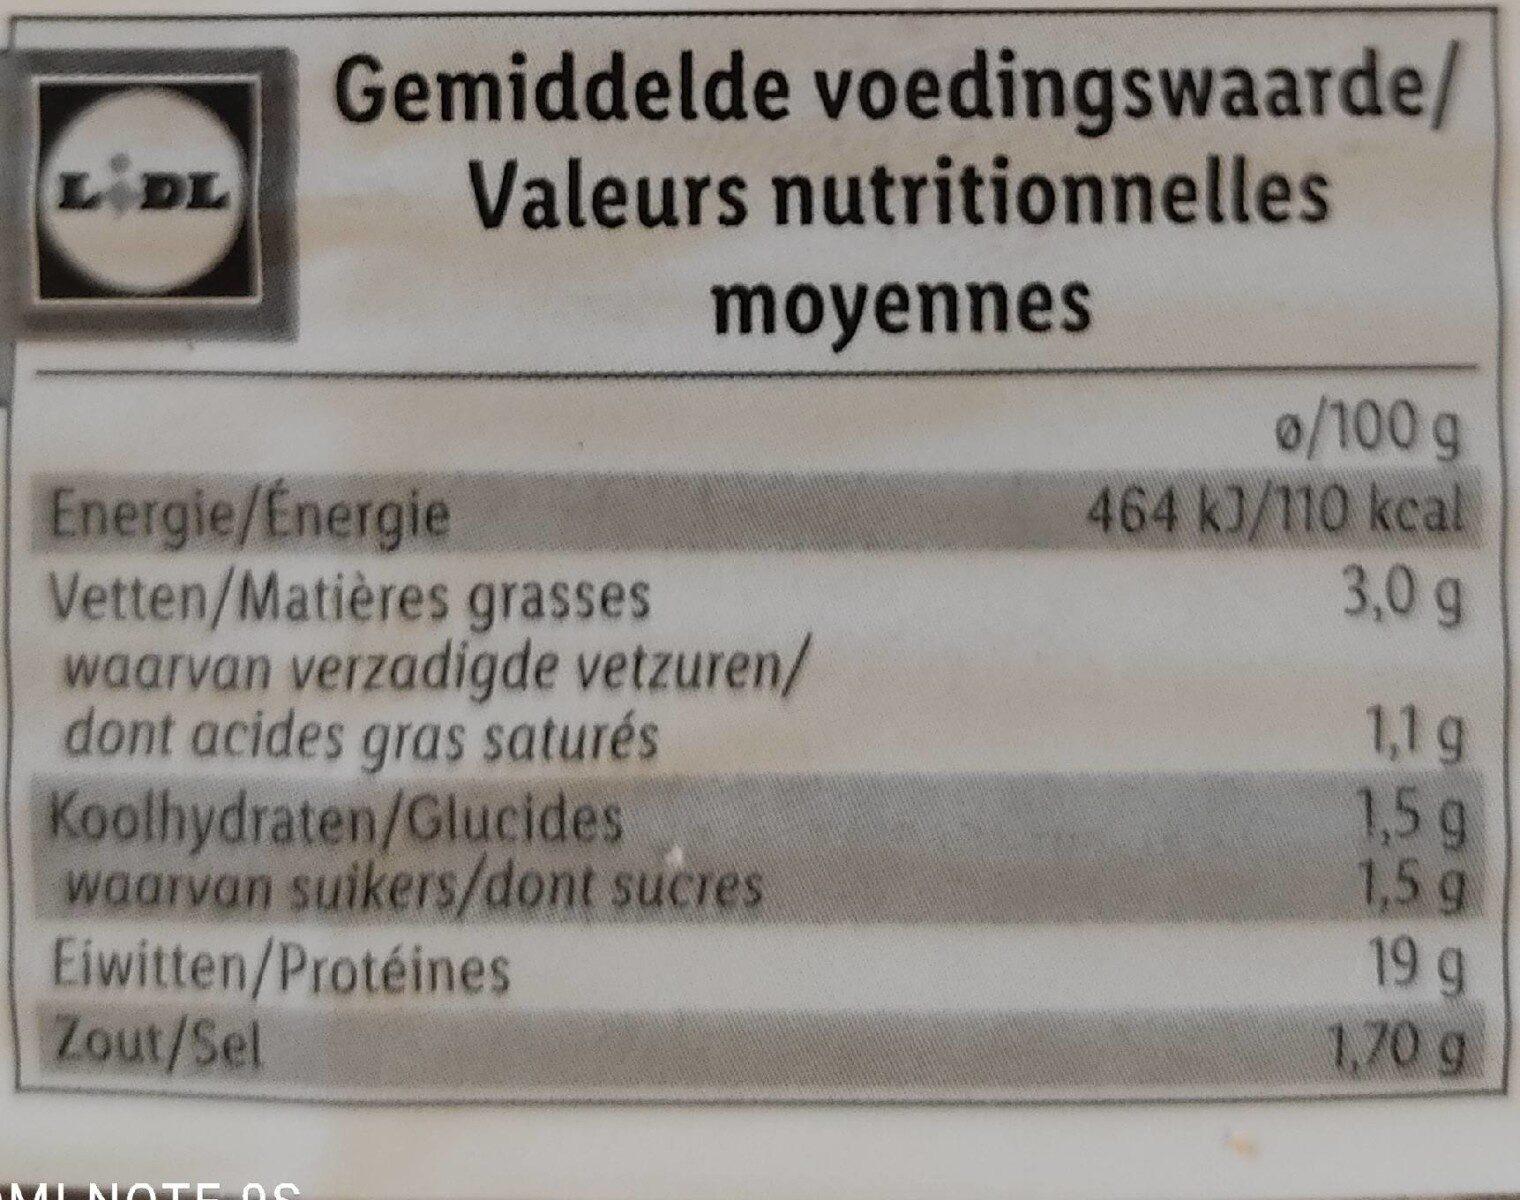 Épaule cuite - Informations nutritionnelles - fr